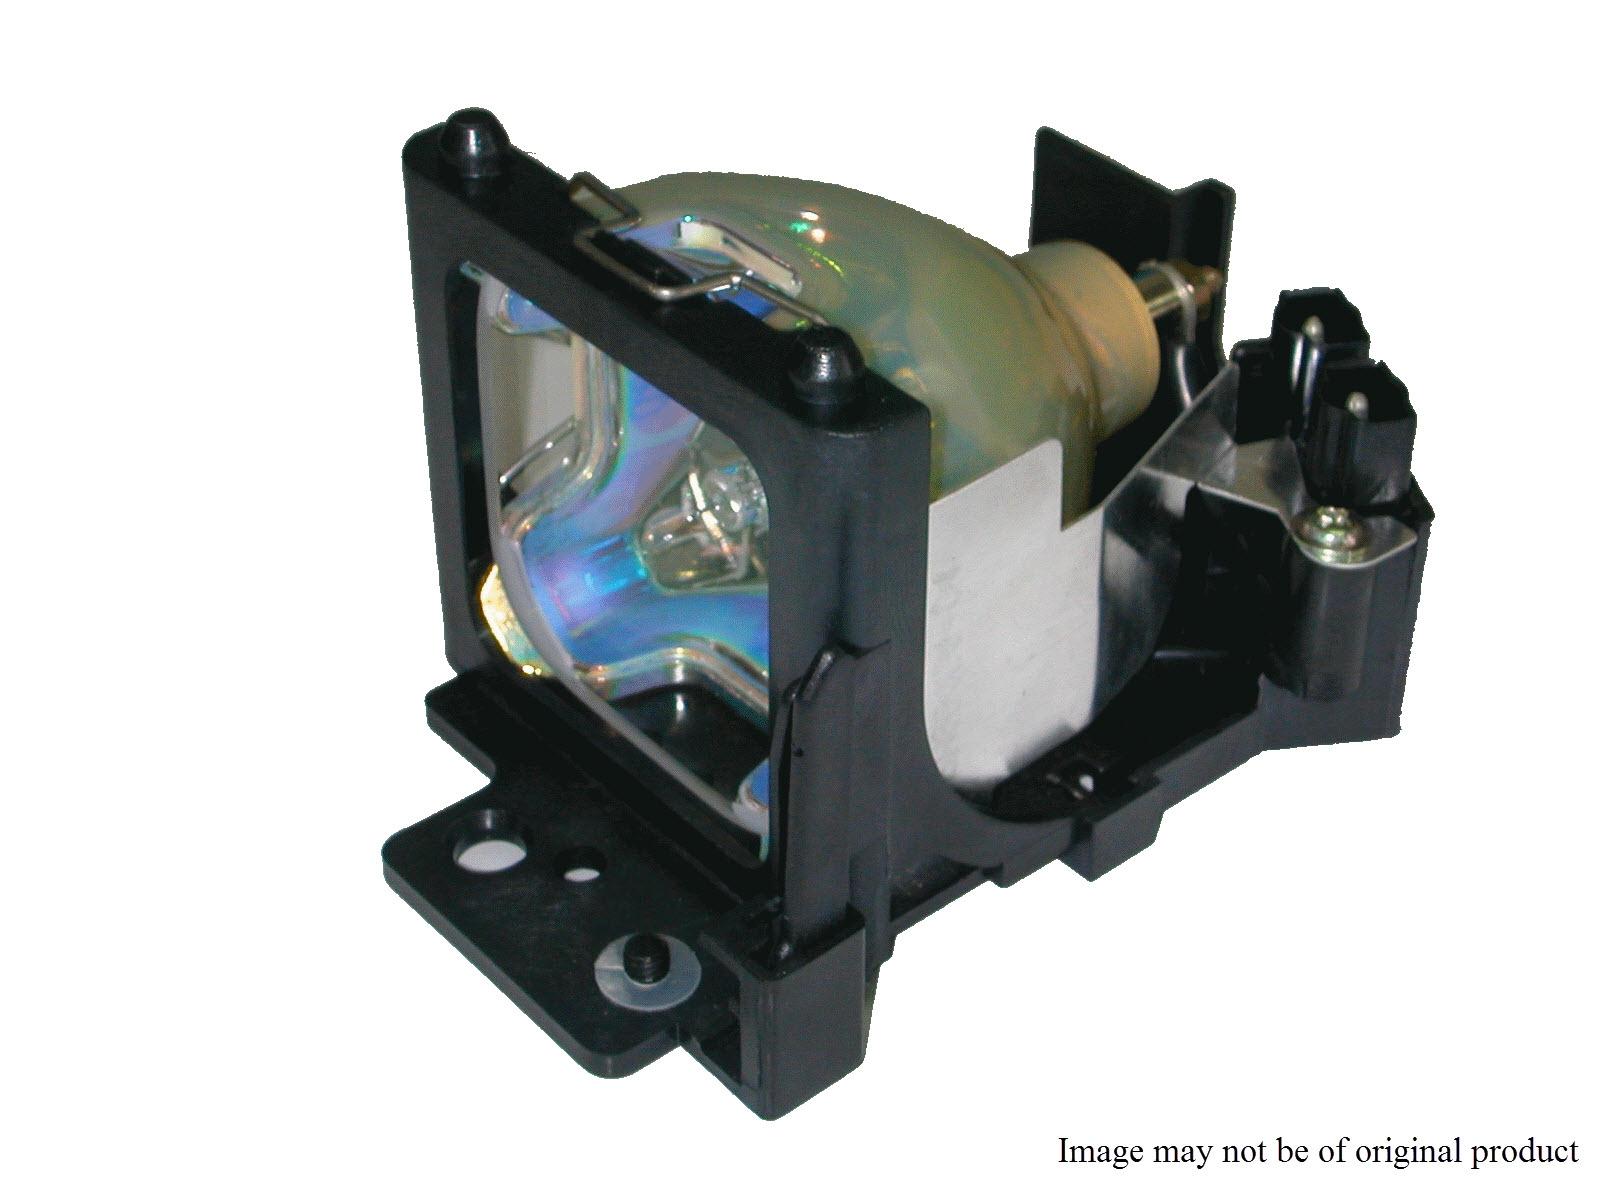 V7 VPL2629-1E projection lamp